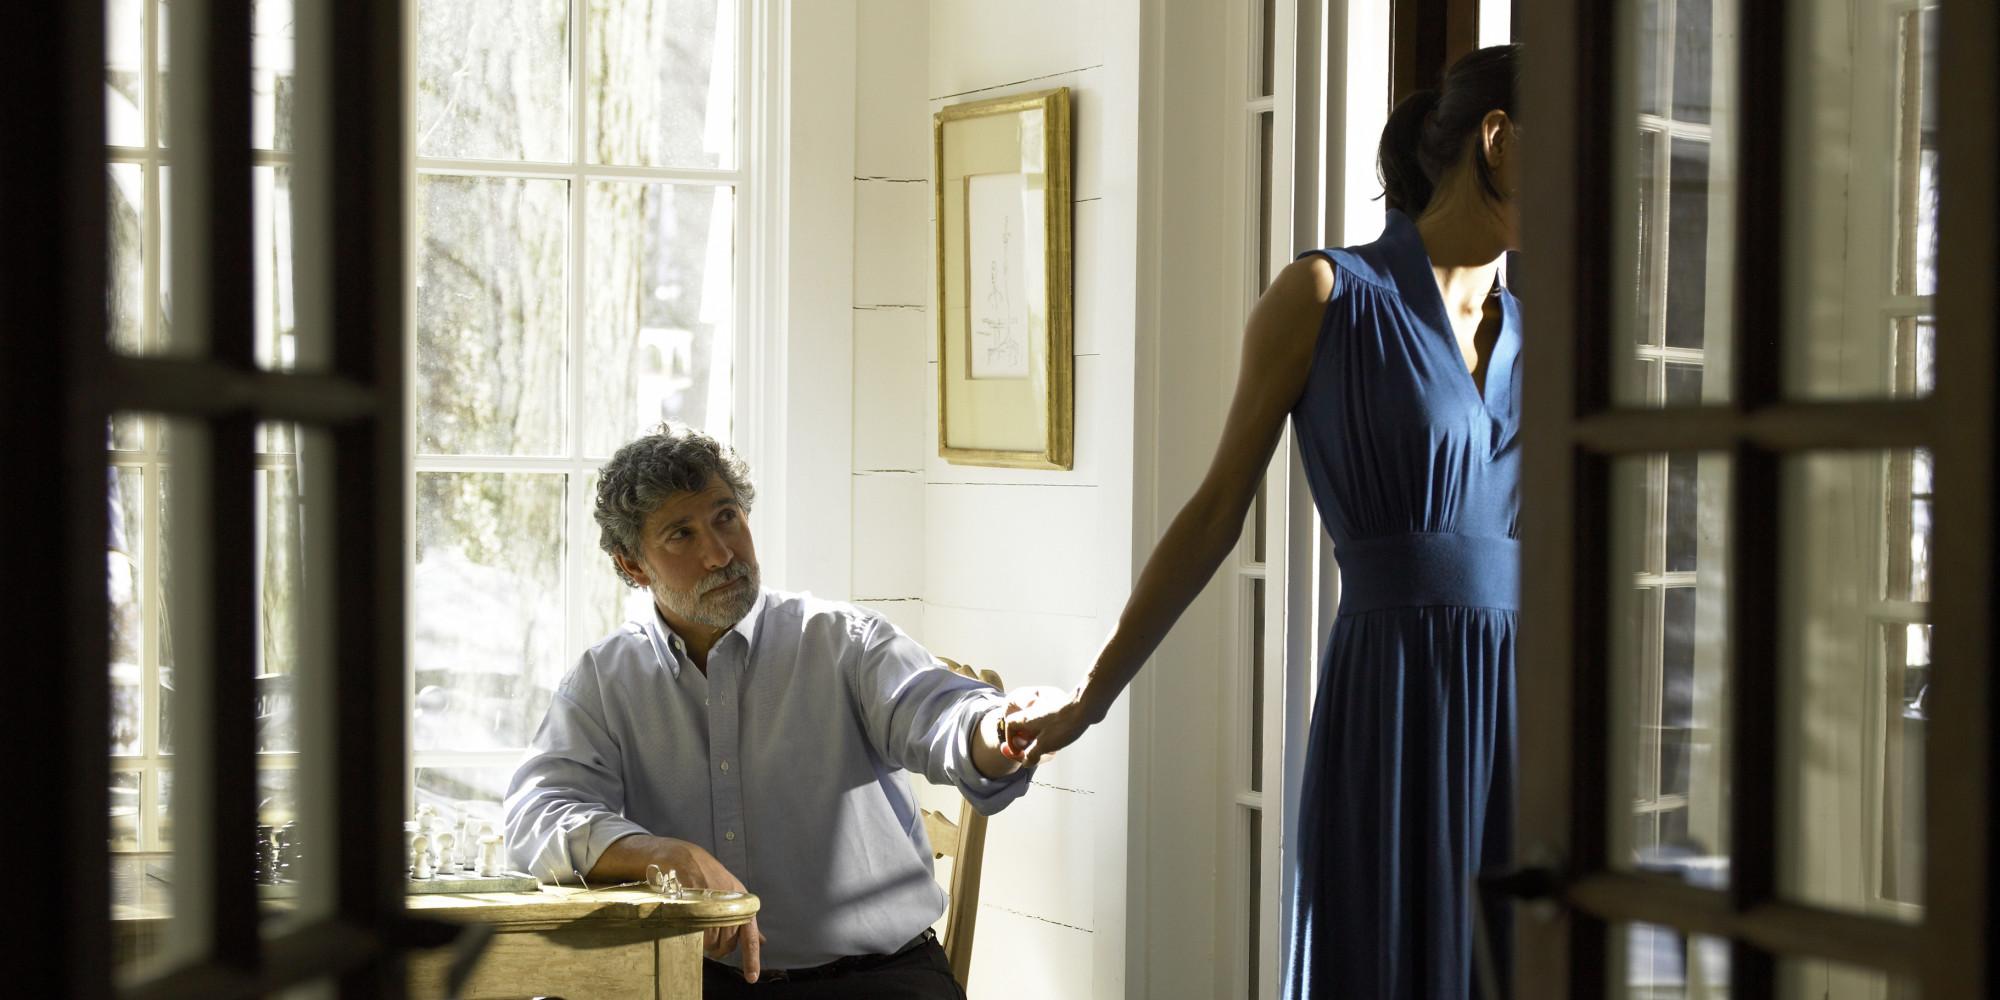 Quoi faire quand ta femme te quitte pour partir avec un autre?